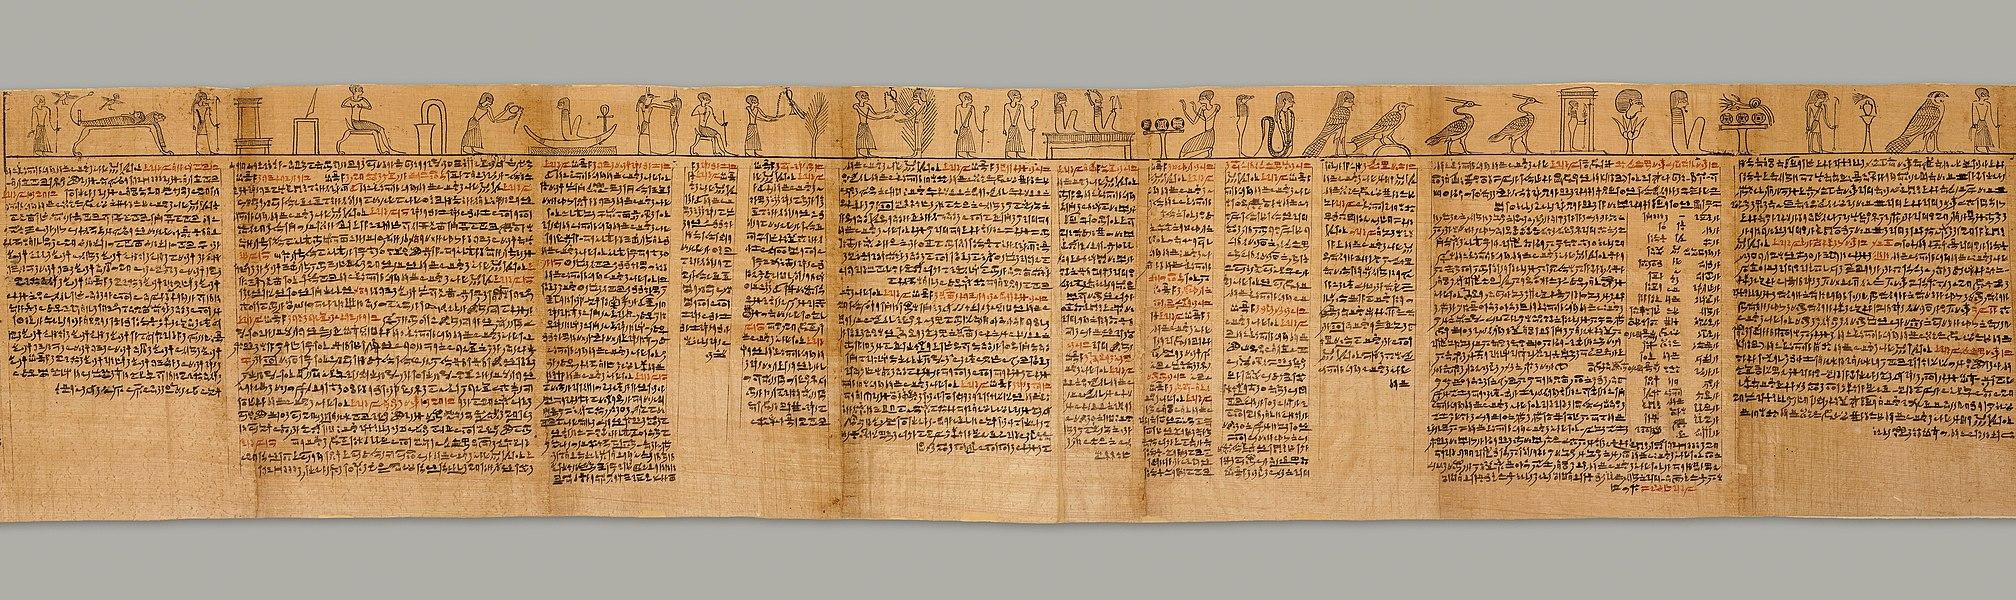 imhotep - image 8